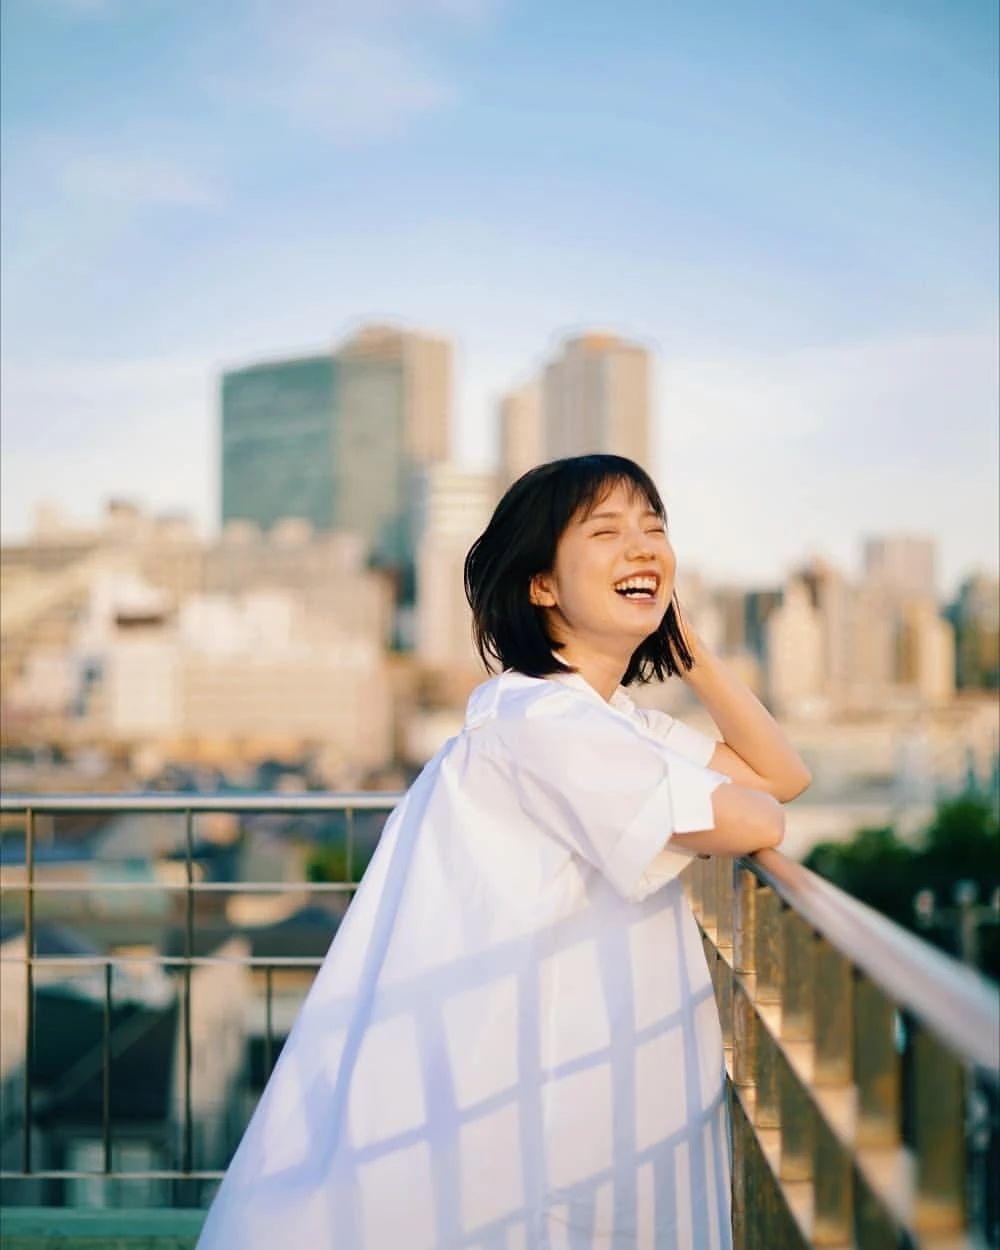 永远一张娃娃脸的棉花糖女孩弘中绫香写真作品 (91)